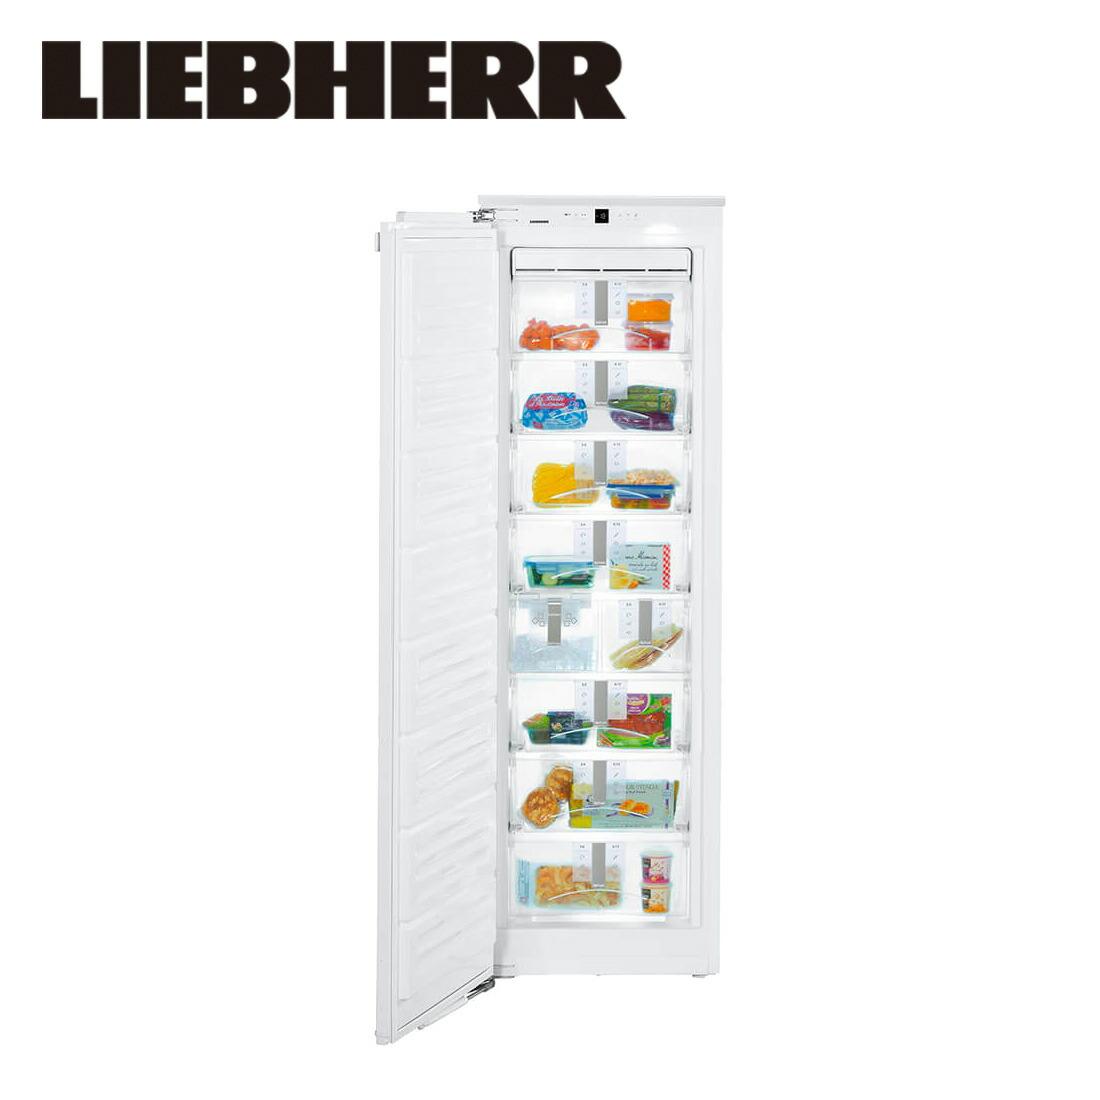 【ポイント不要の場合値引】【一都三県は送料・設置費無料】LIEBHERR リープヘル 冷凍庫 SIGN3576 premium サイドバイサイド SBS7014 製氷機能 1ドア / 代引き不可